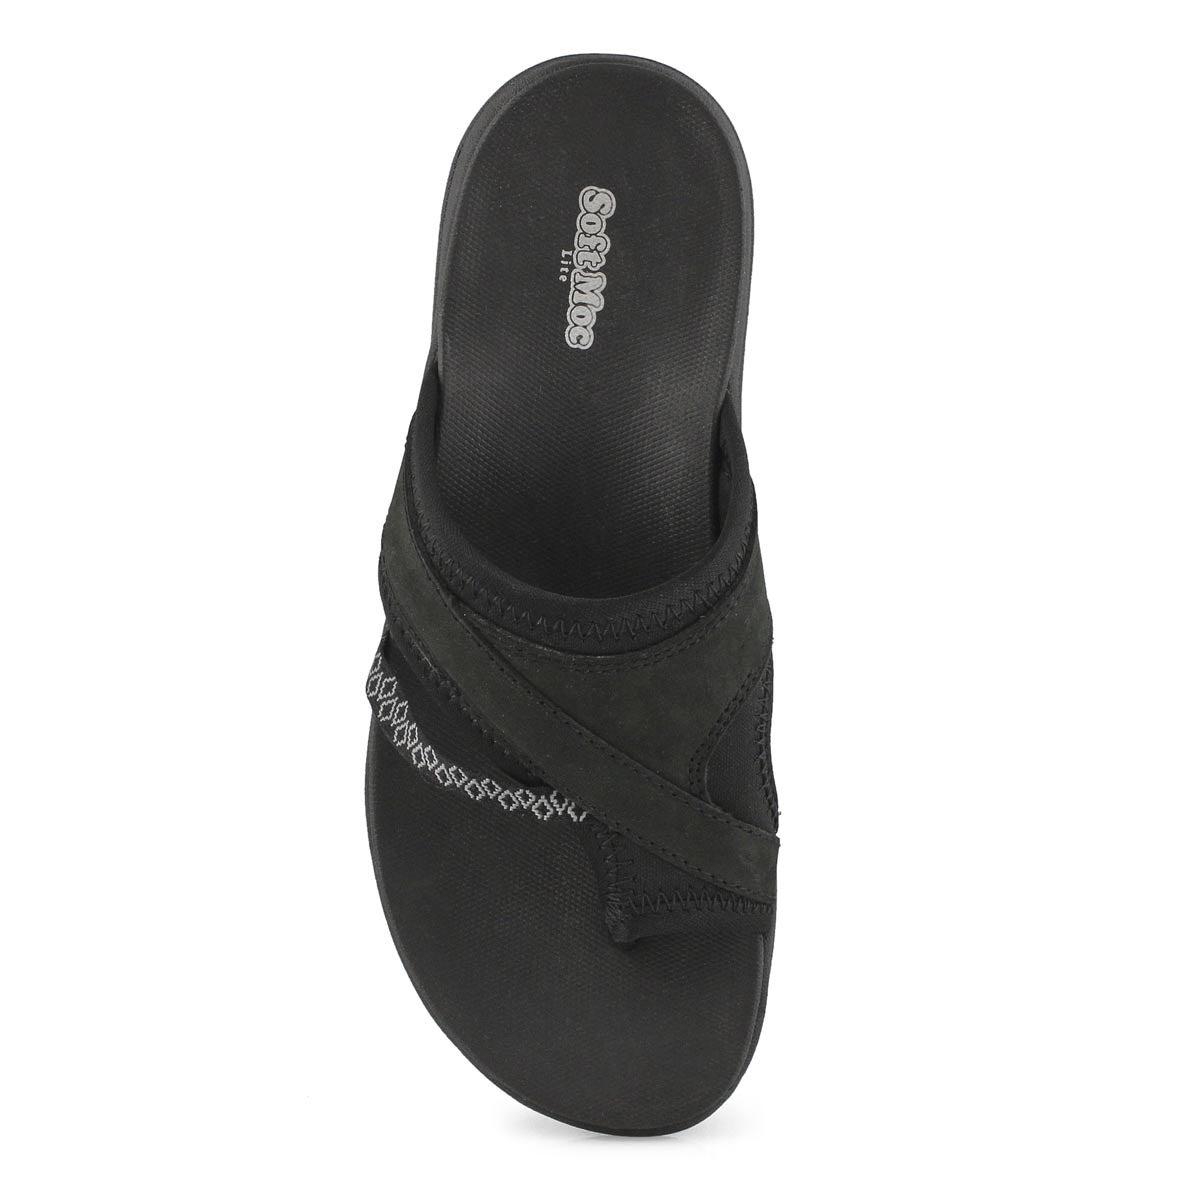 Women's Cynthia 2 Sport Sandal - Black